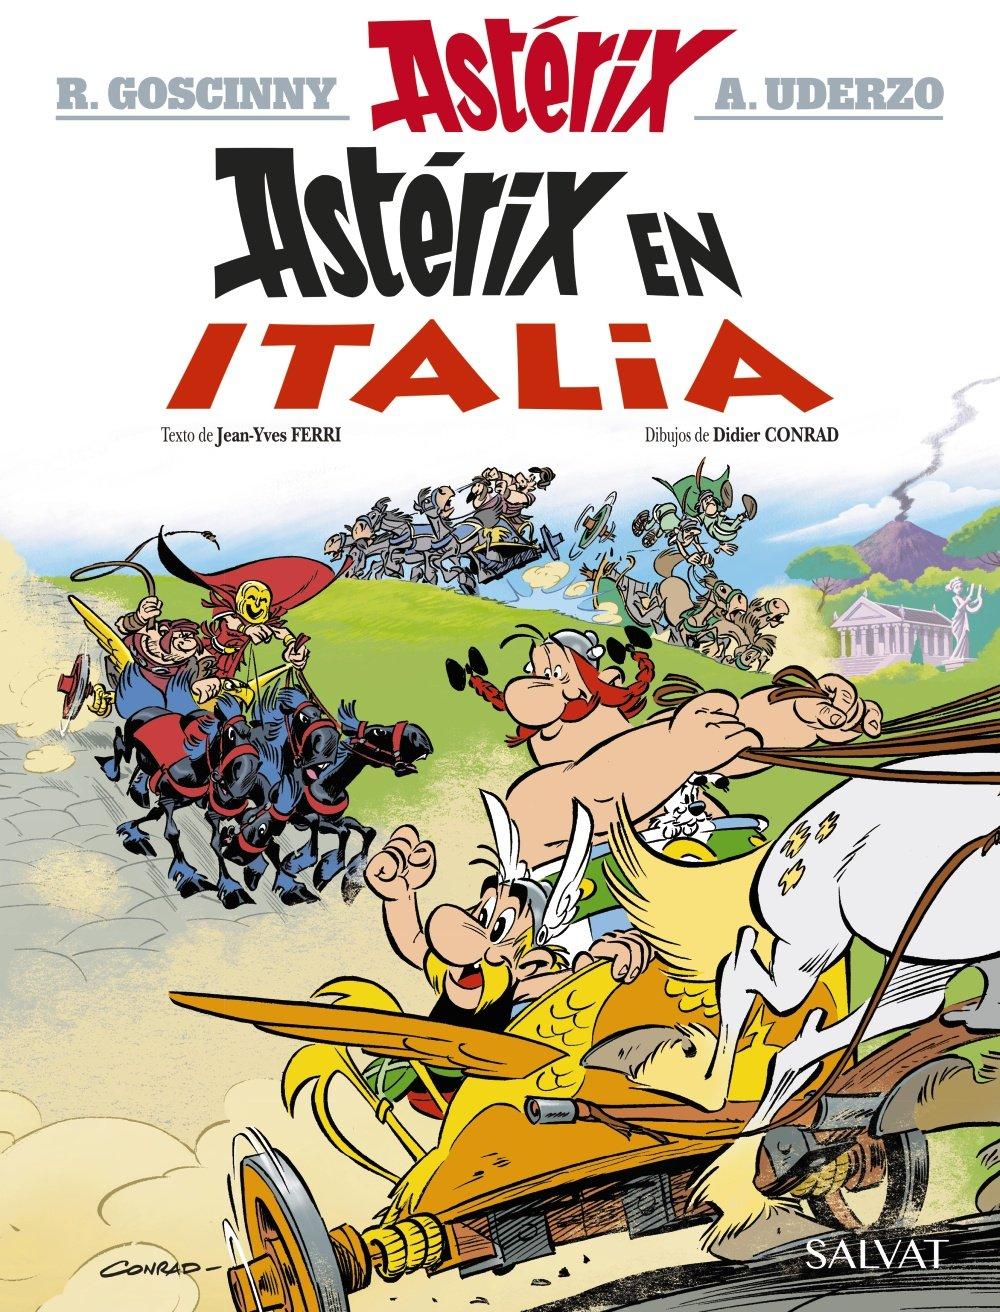 Astérix en Italia Castellano - A Partir De 10 Años - Astérix - La Colección  Clásica: Amazon.es: René Goscinny, Jean-Yves Ferri, Albert Uderzo, Didier  Conrad ...